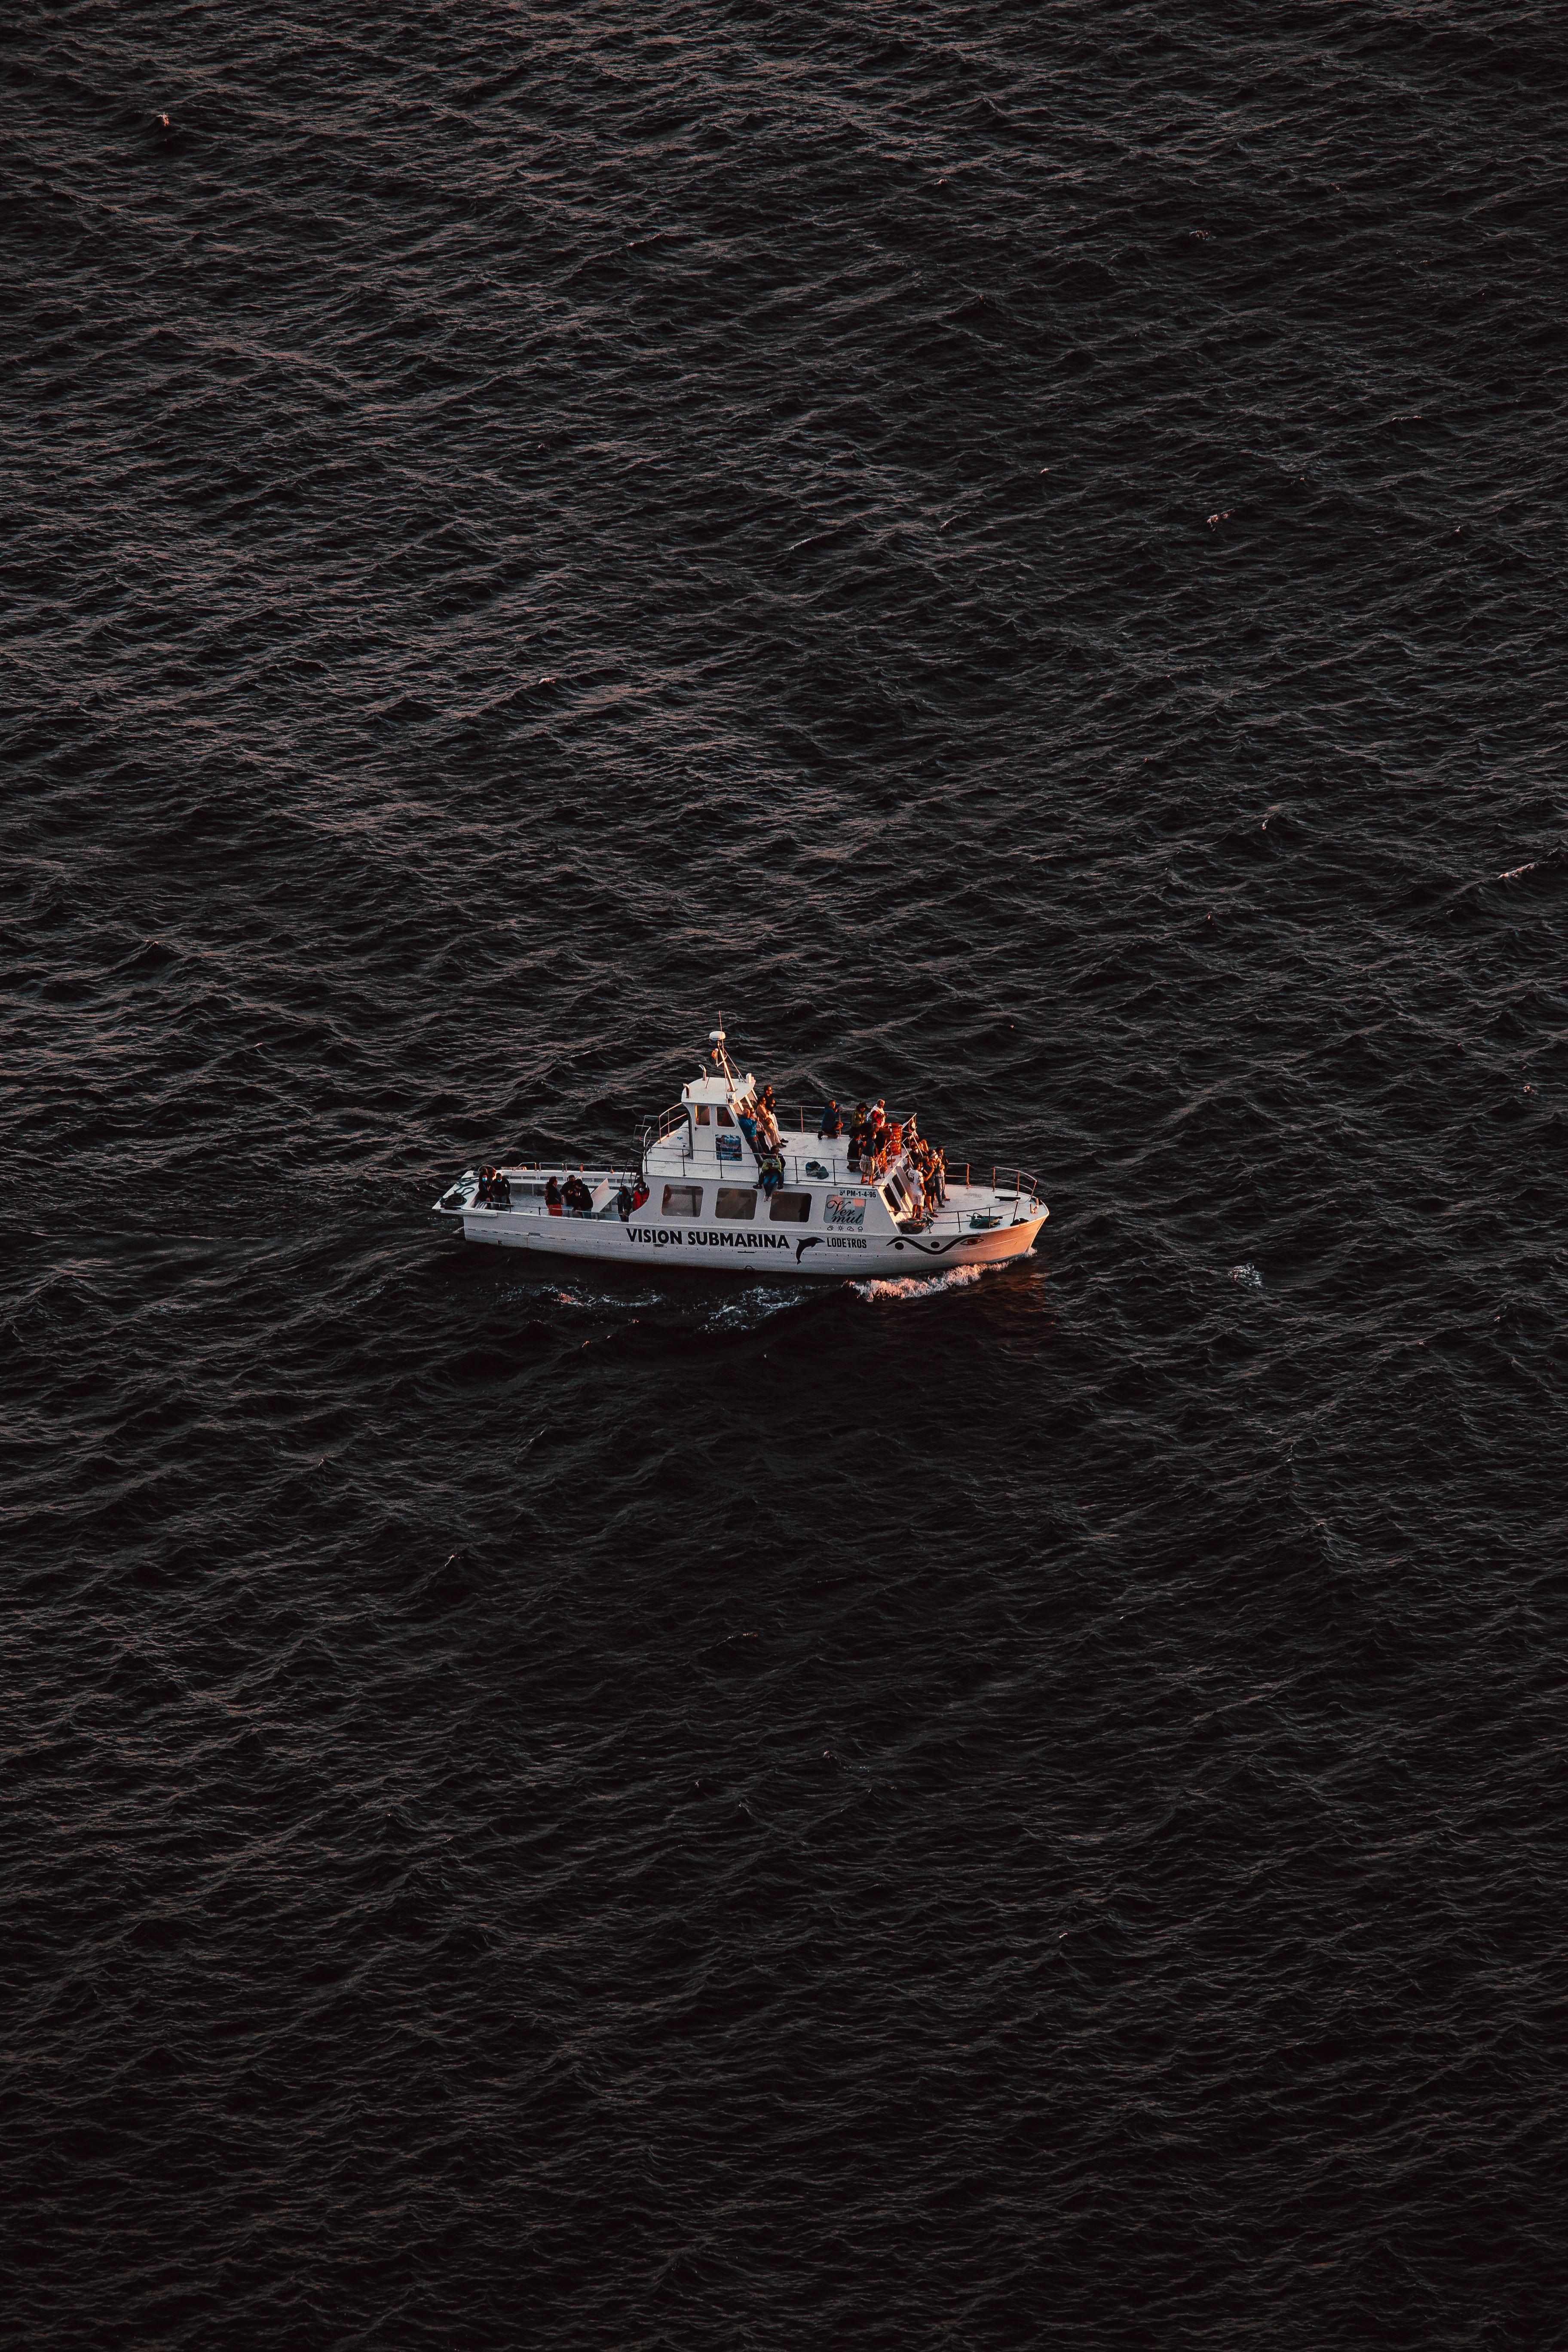 68133 скачать обои Разное, Лодка, Транспорт, Море, Волнистый, Волны - заставки и картинки бесплатно